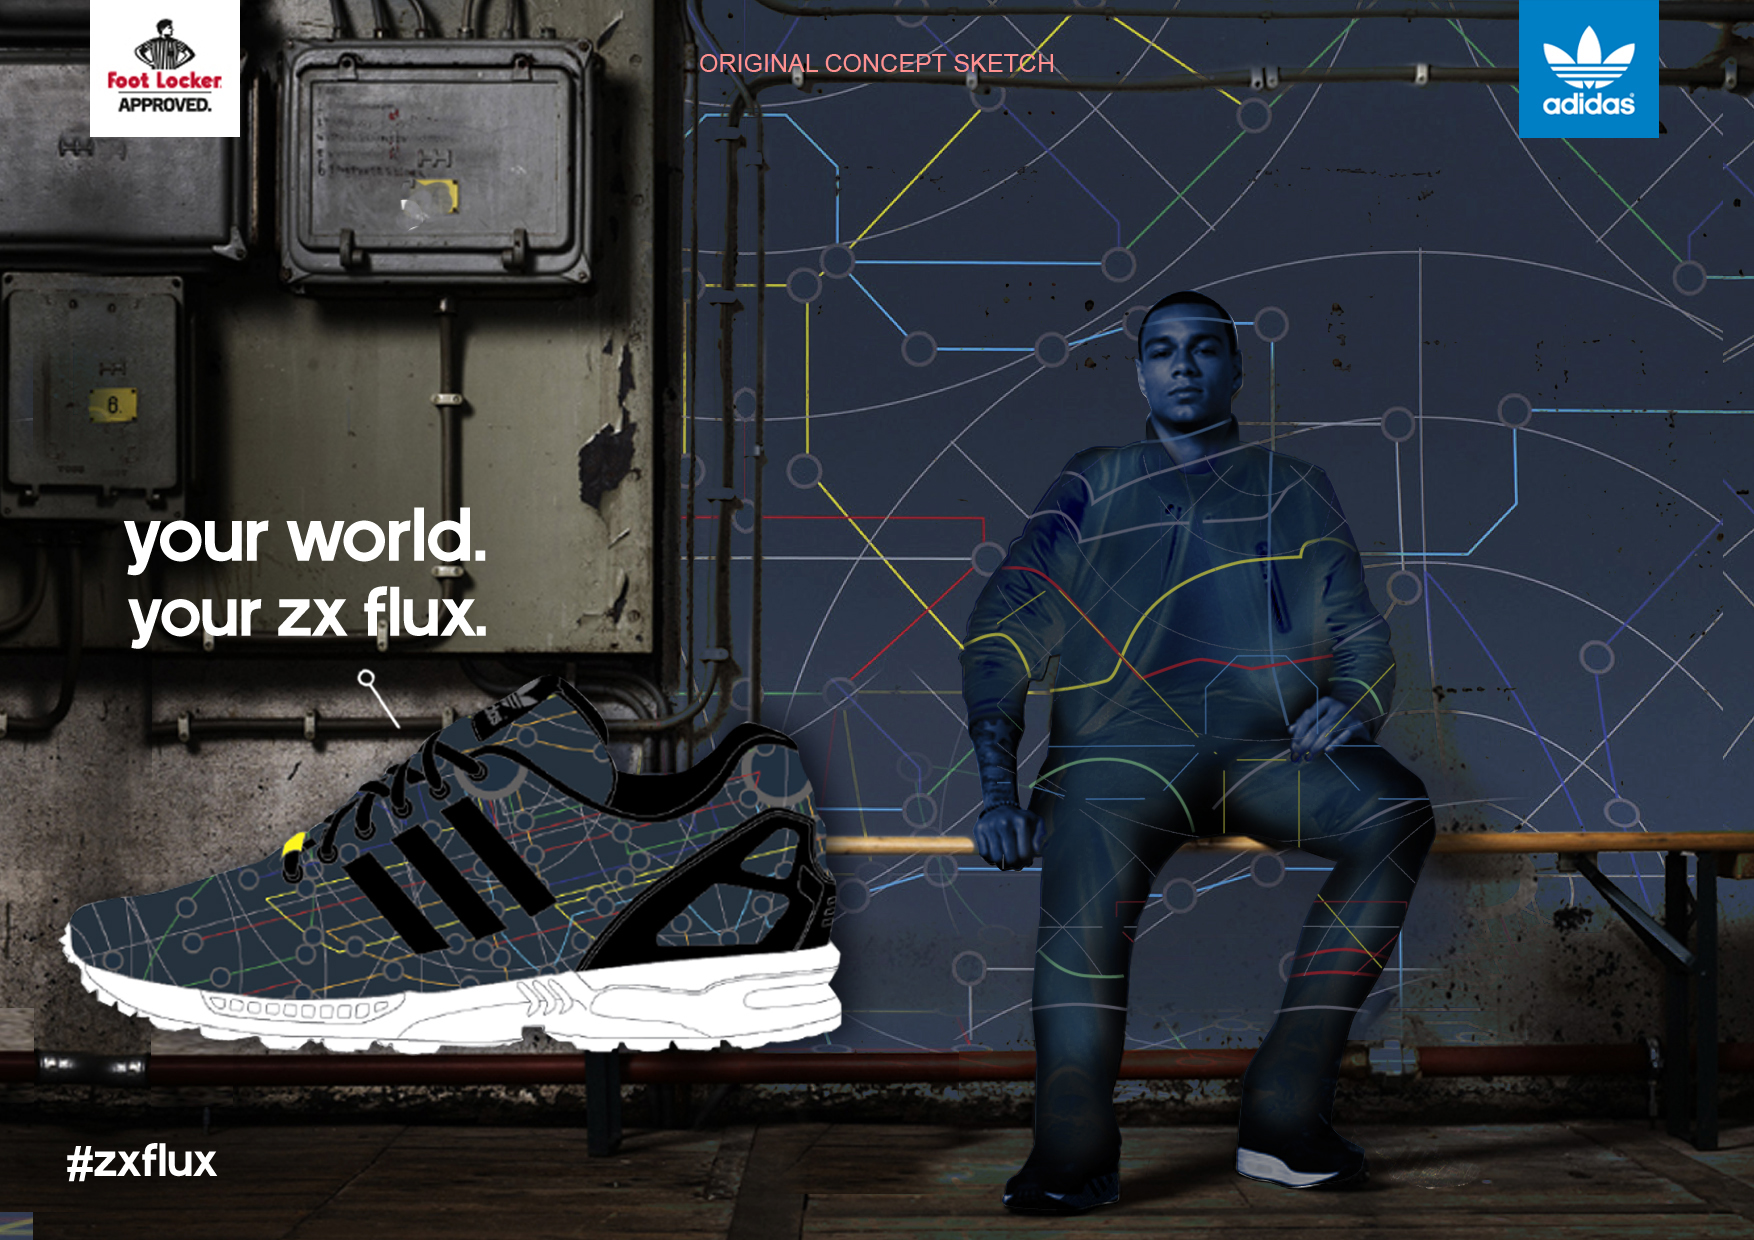 adi_zx flux map key visual ST2.1.jpg